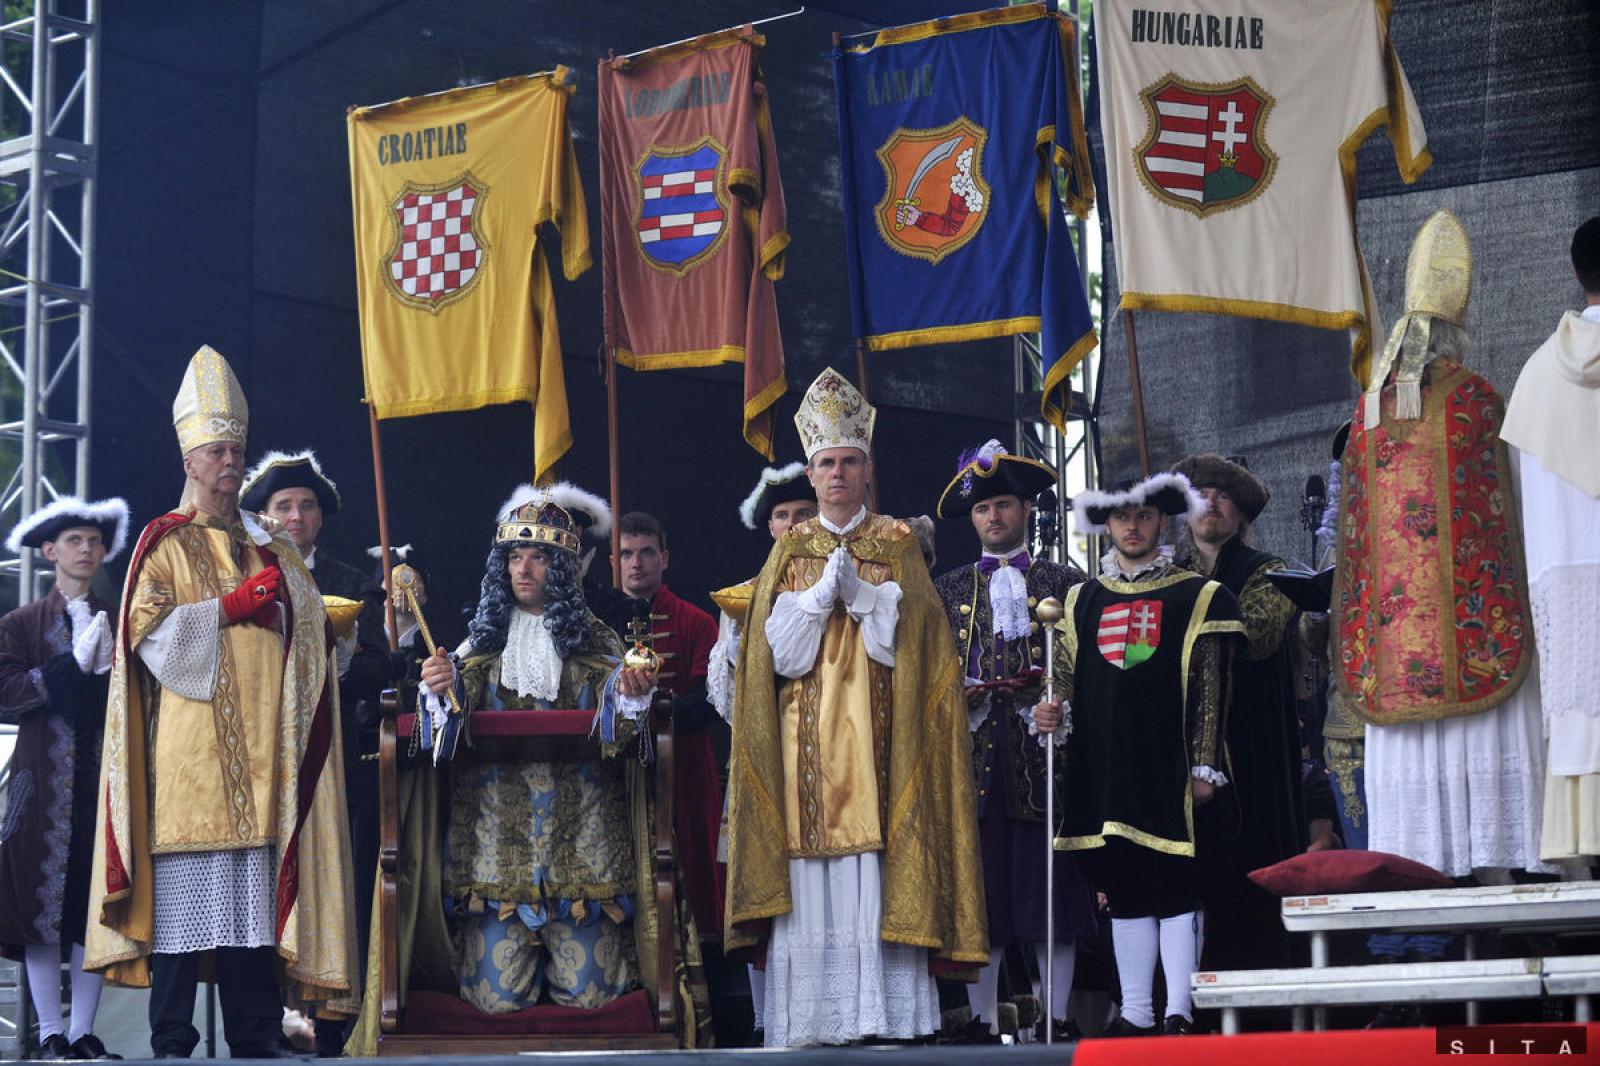 Incoronazione dei re Ungheresi - festa ogni anno